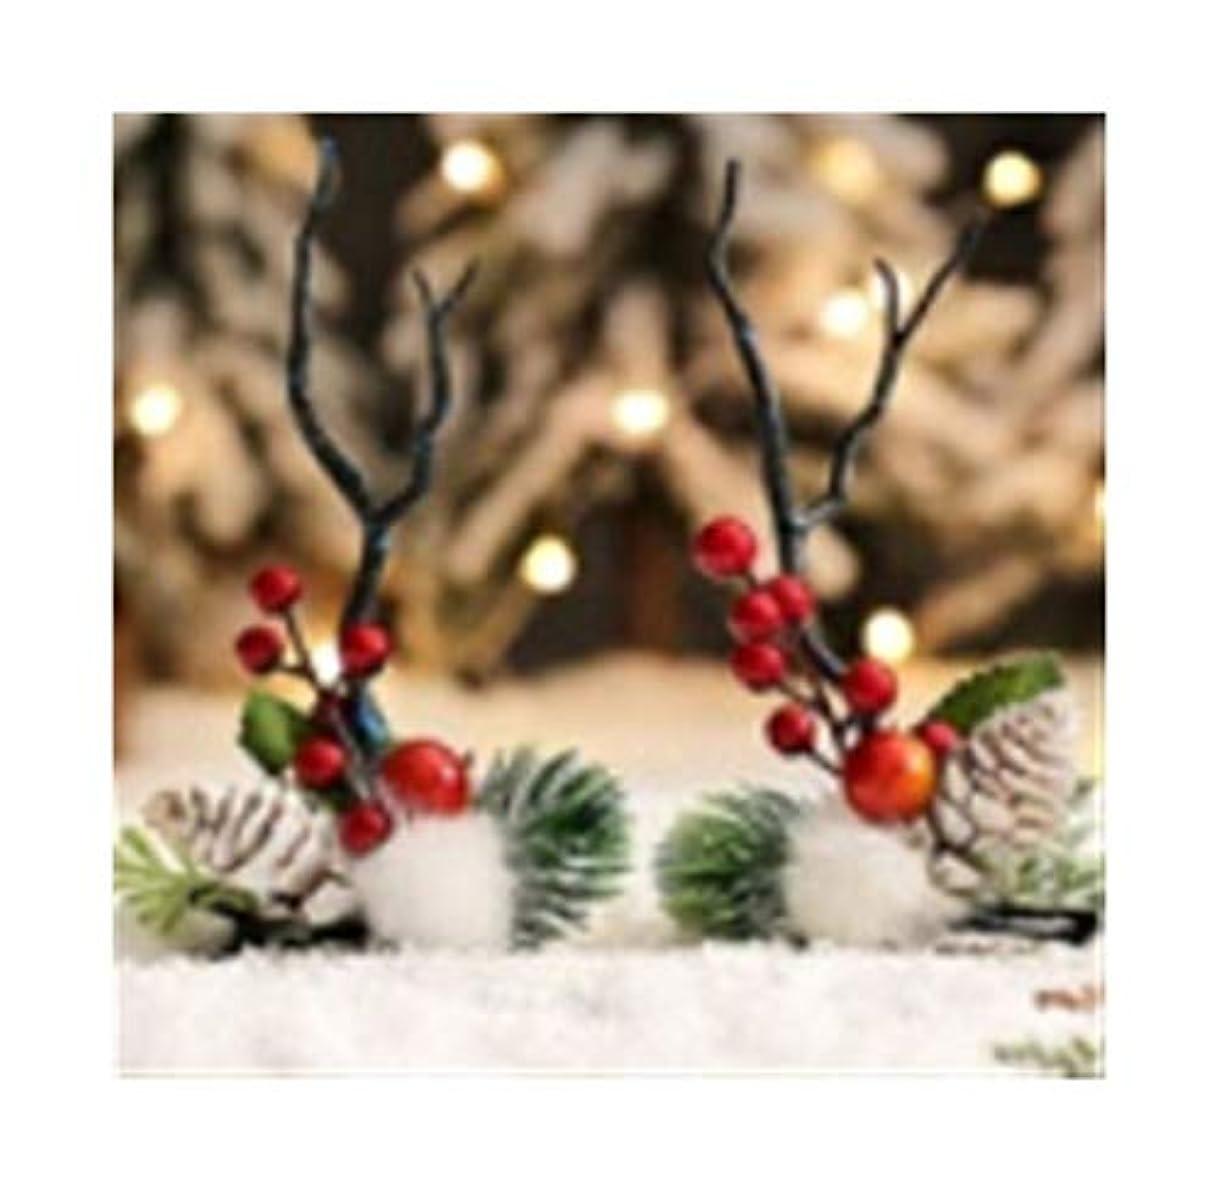 通信するアラブサラボ暗殺クリスマスヘアピン装身具アントラーズ頭飾りセンエルフスーパー妖精のヘッドバンドクリップヘアアクセサリー大人のヘアピンヘッドバンド (Style : A)